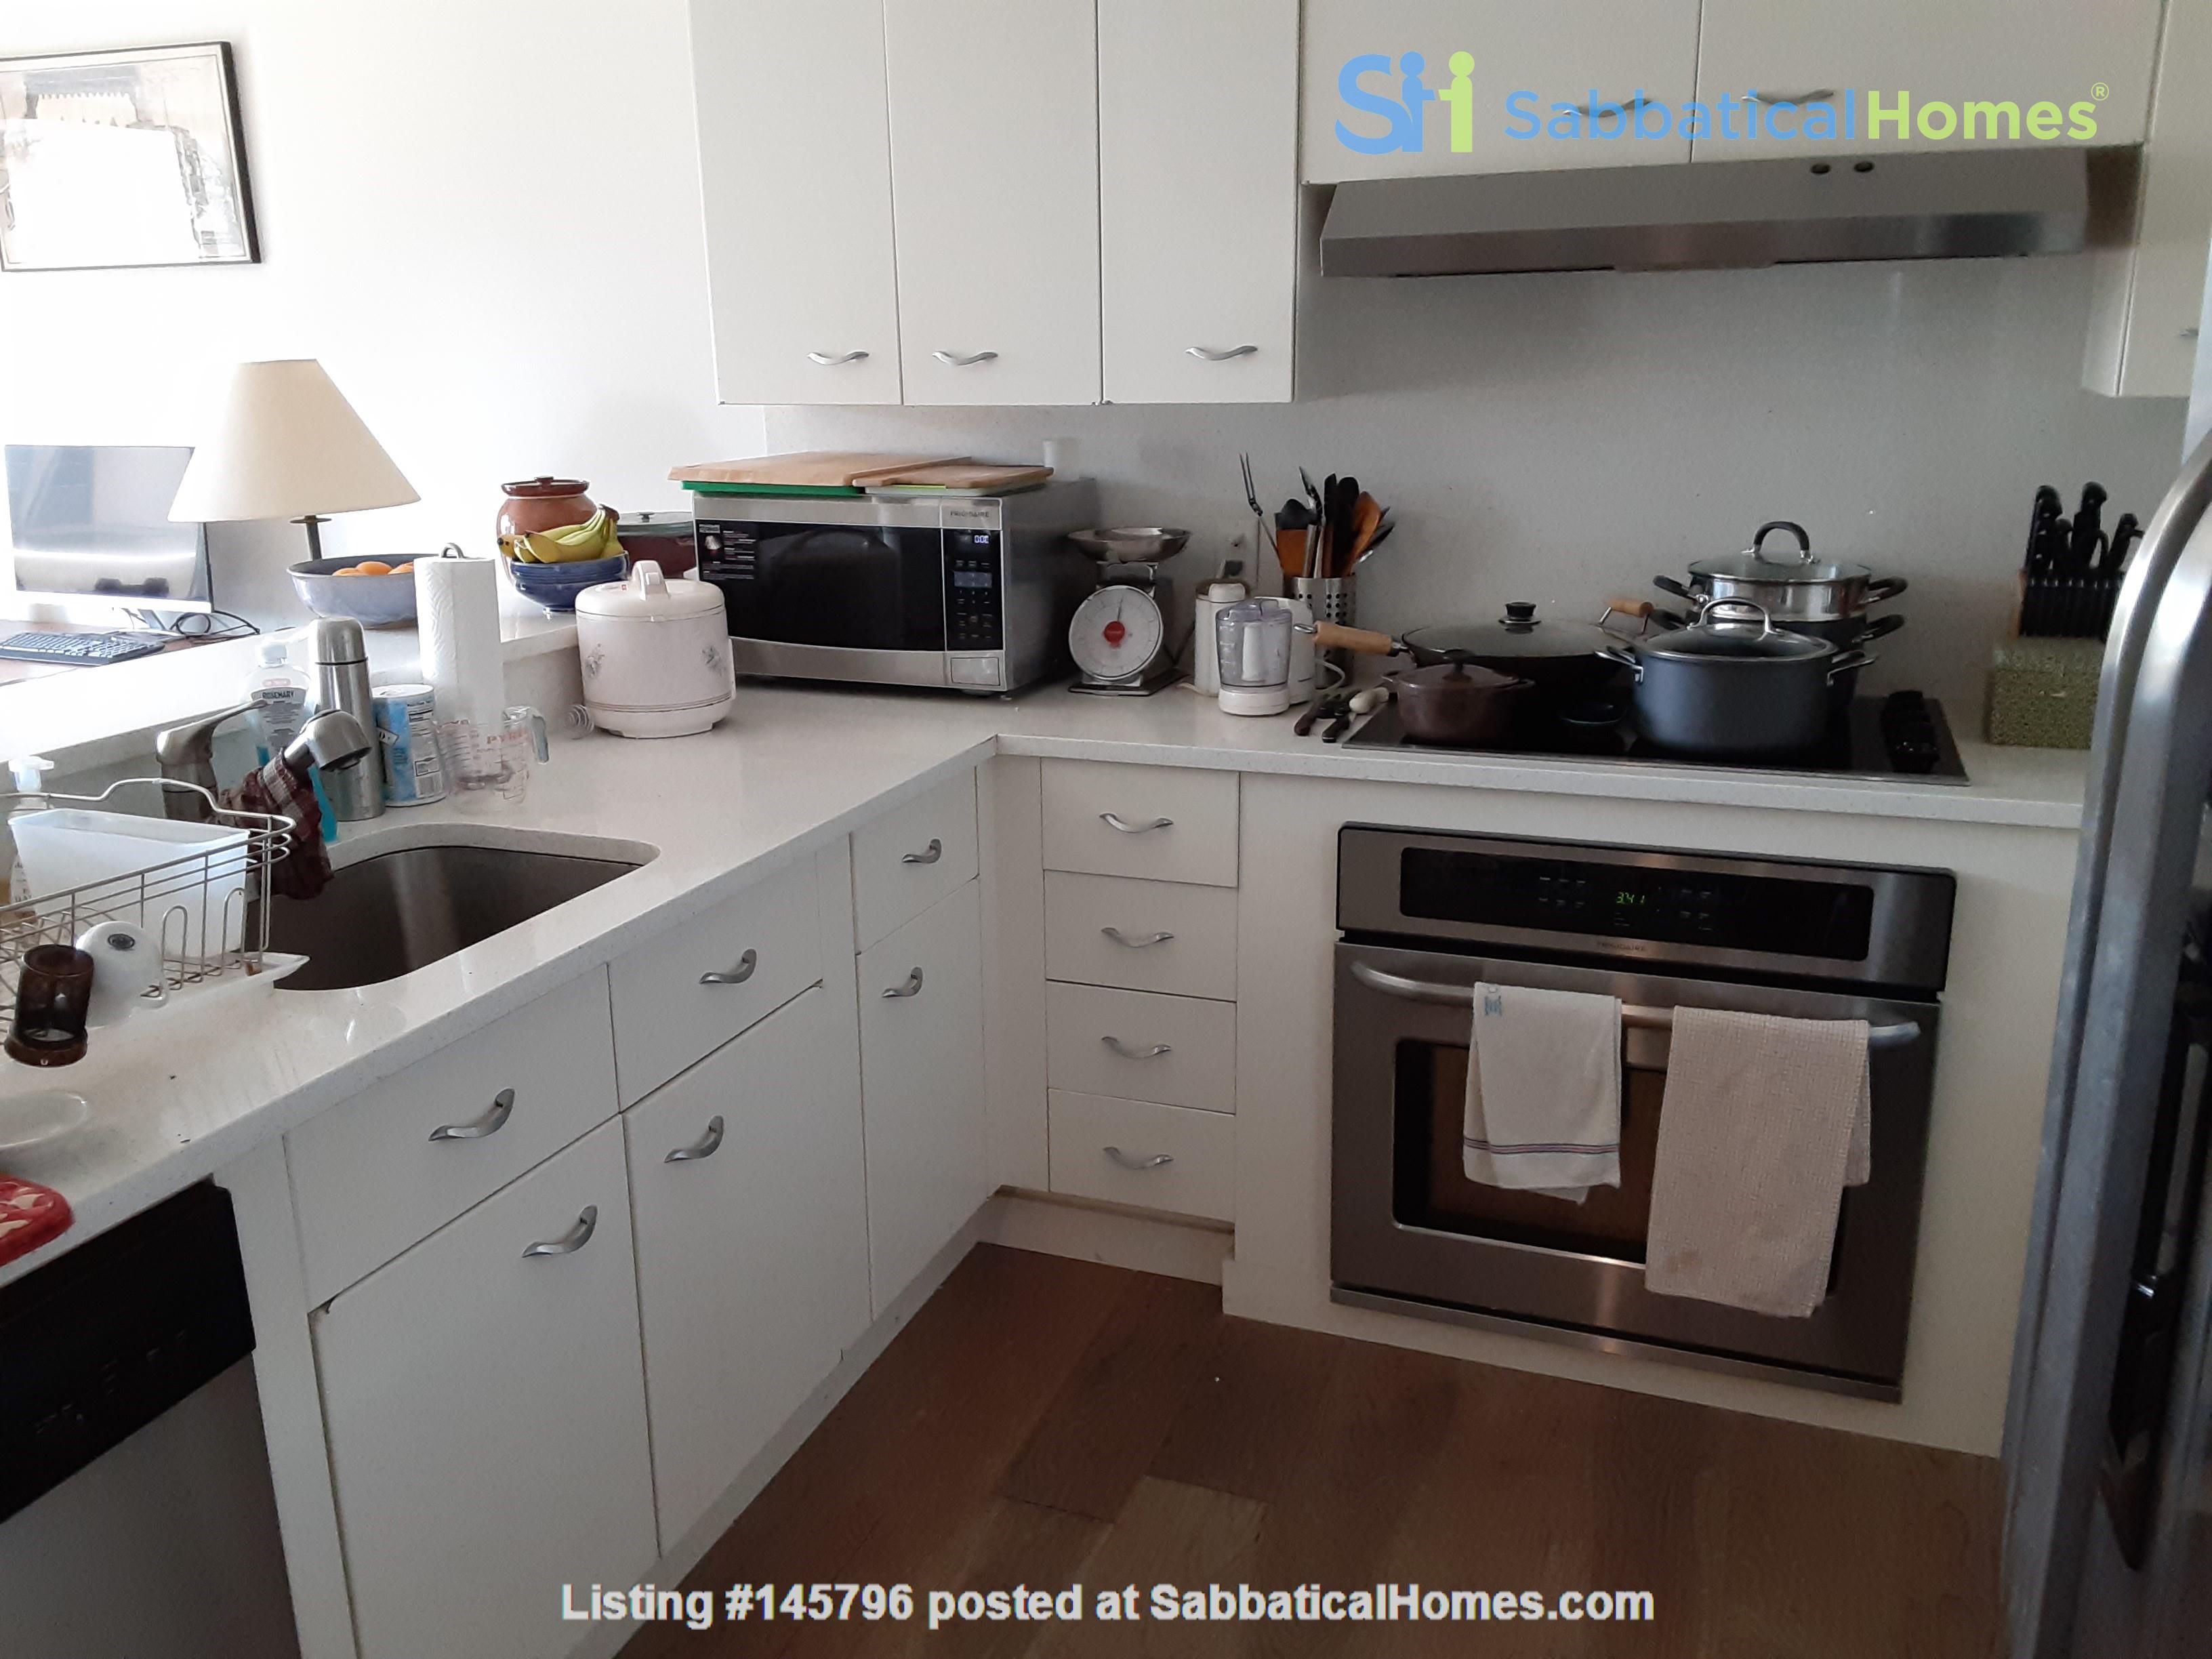 Airy 2-bd, 2-bth condominium facing UT campus. Home Rental in Austin 2